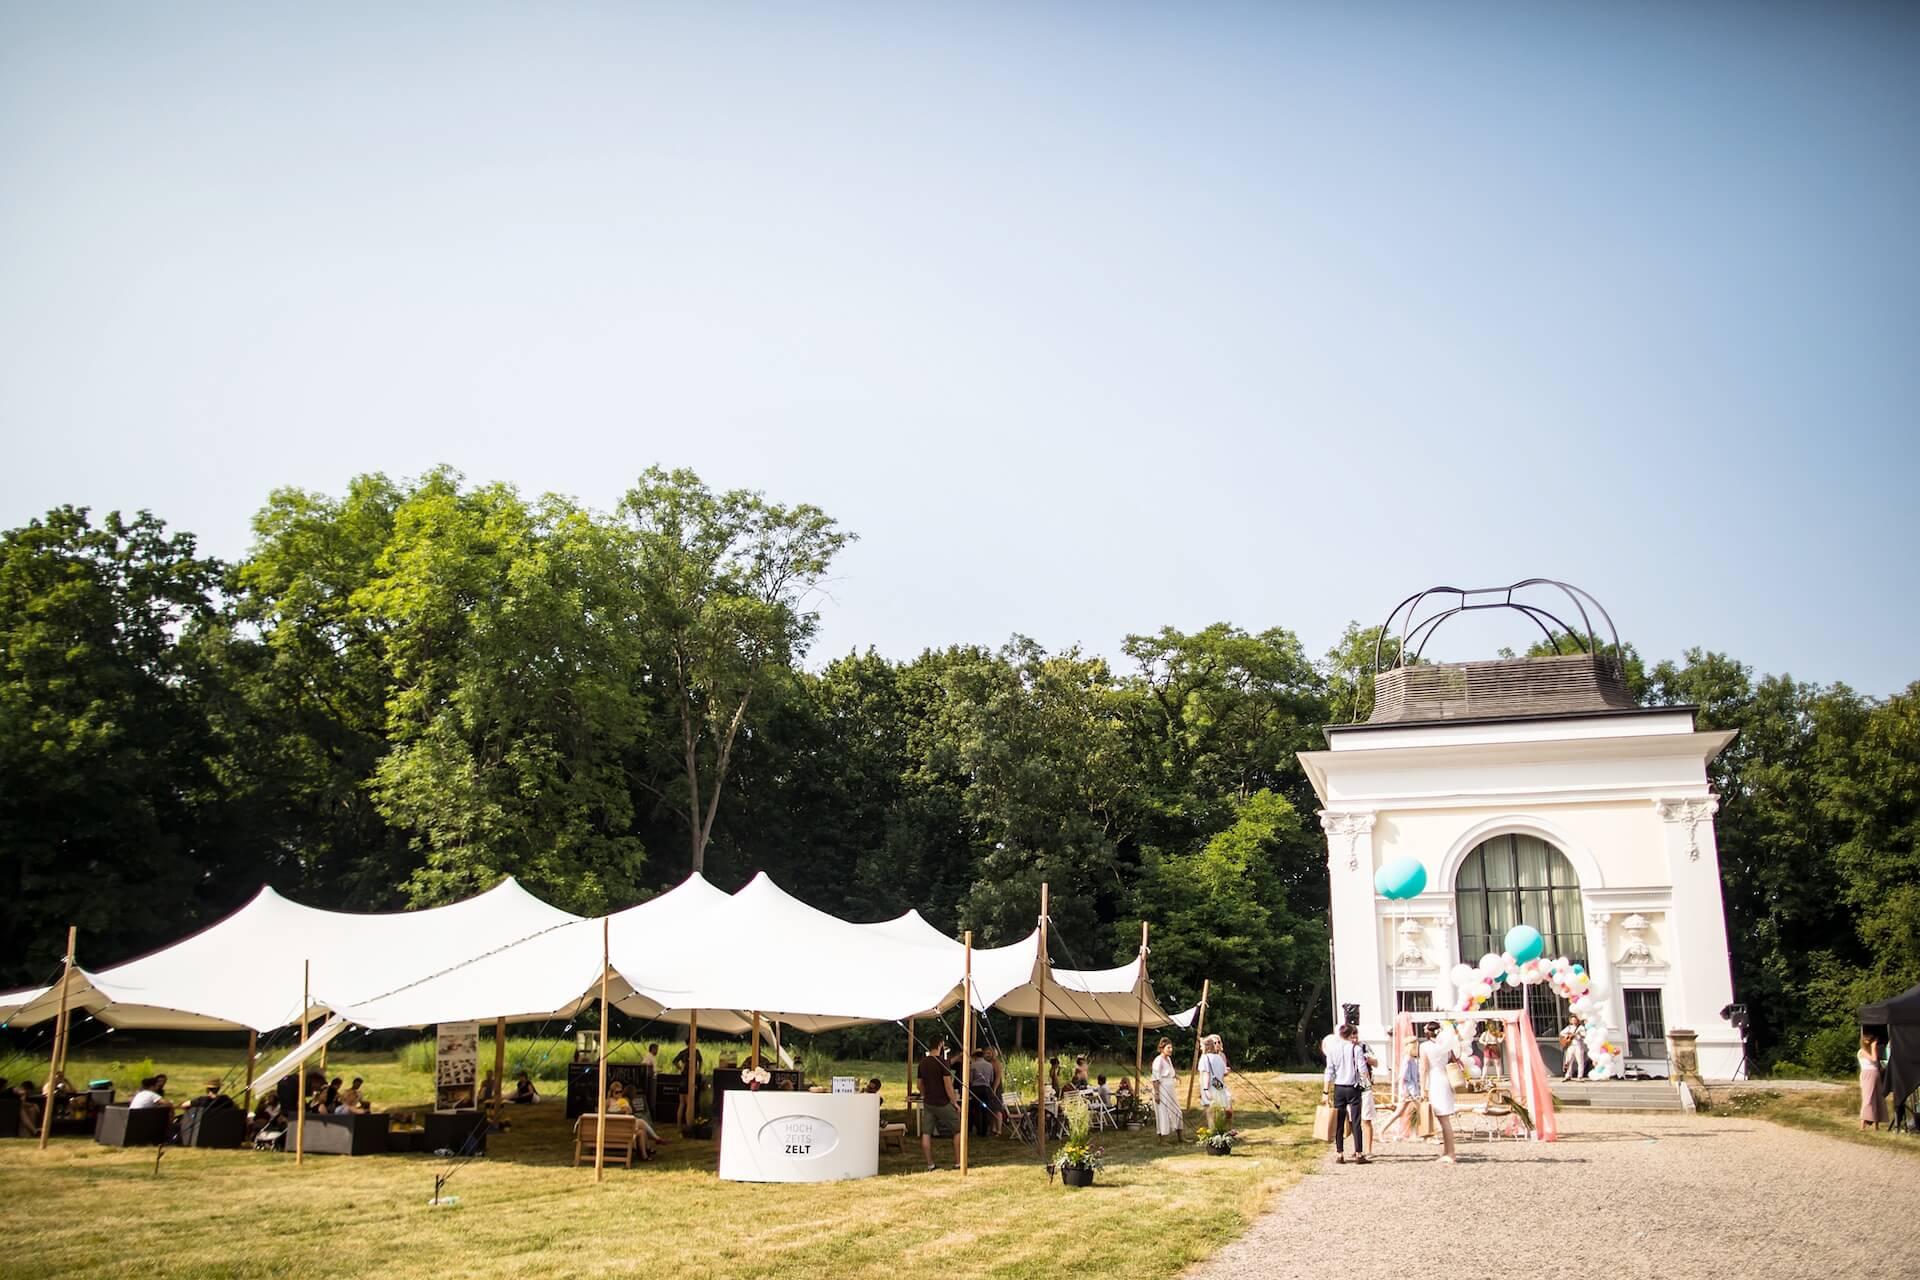 Wedding-Market-Leipzig-Sommer-Edition-2018-Das-beste-Zelt-im-Kees'schen-Park-(c)-Anne-Schwerin.jpg